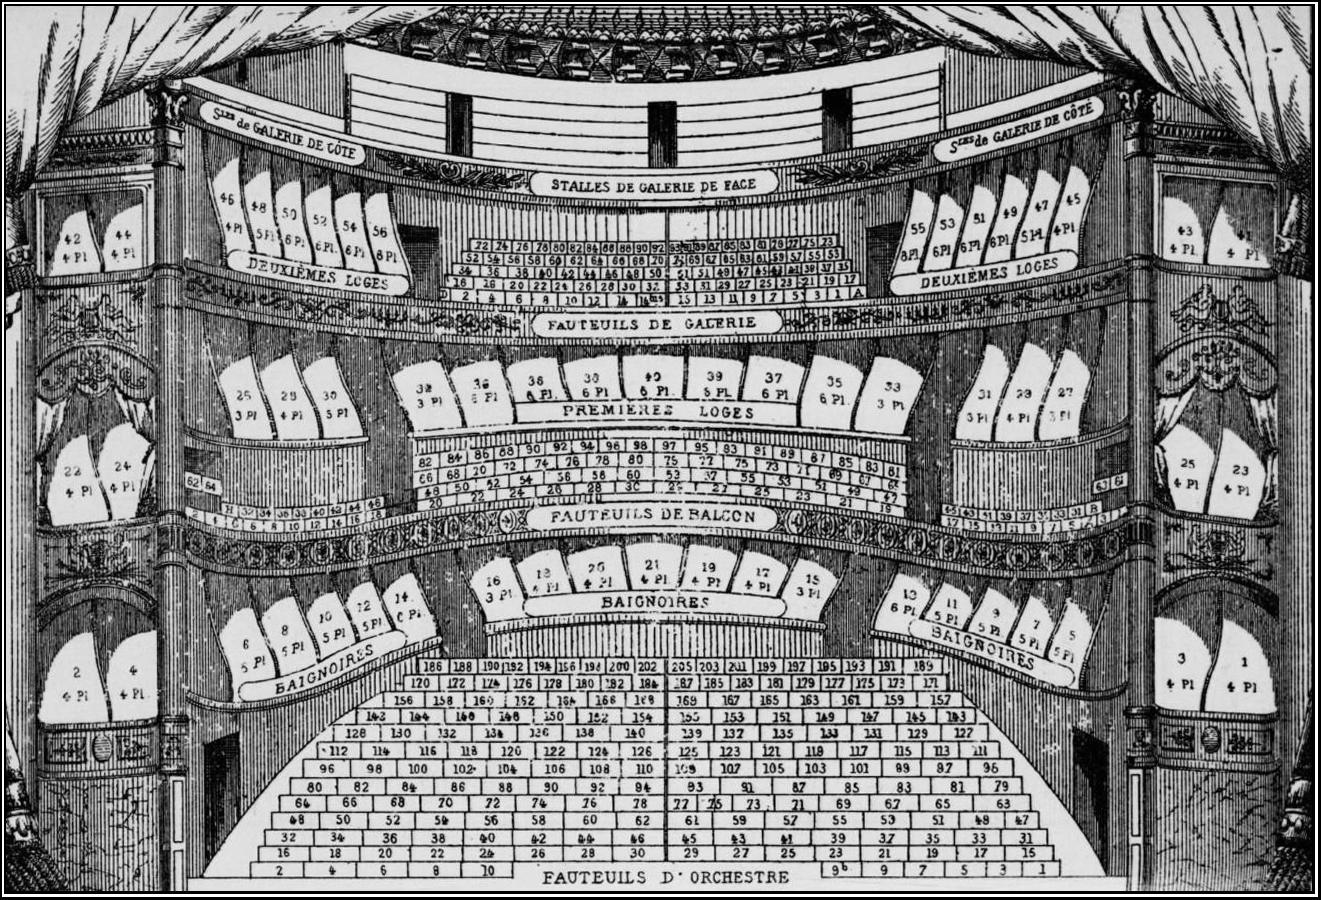 théâtres parisiens programme